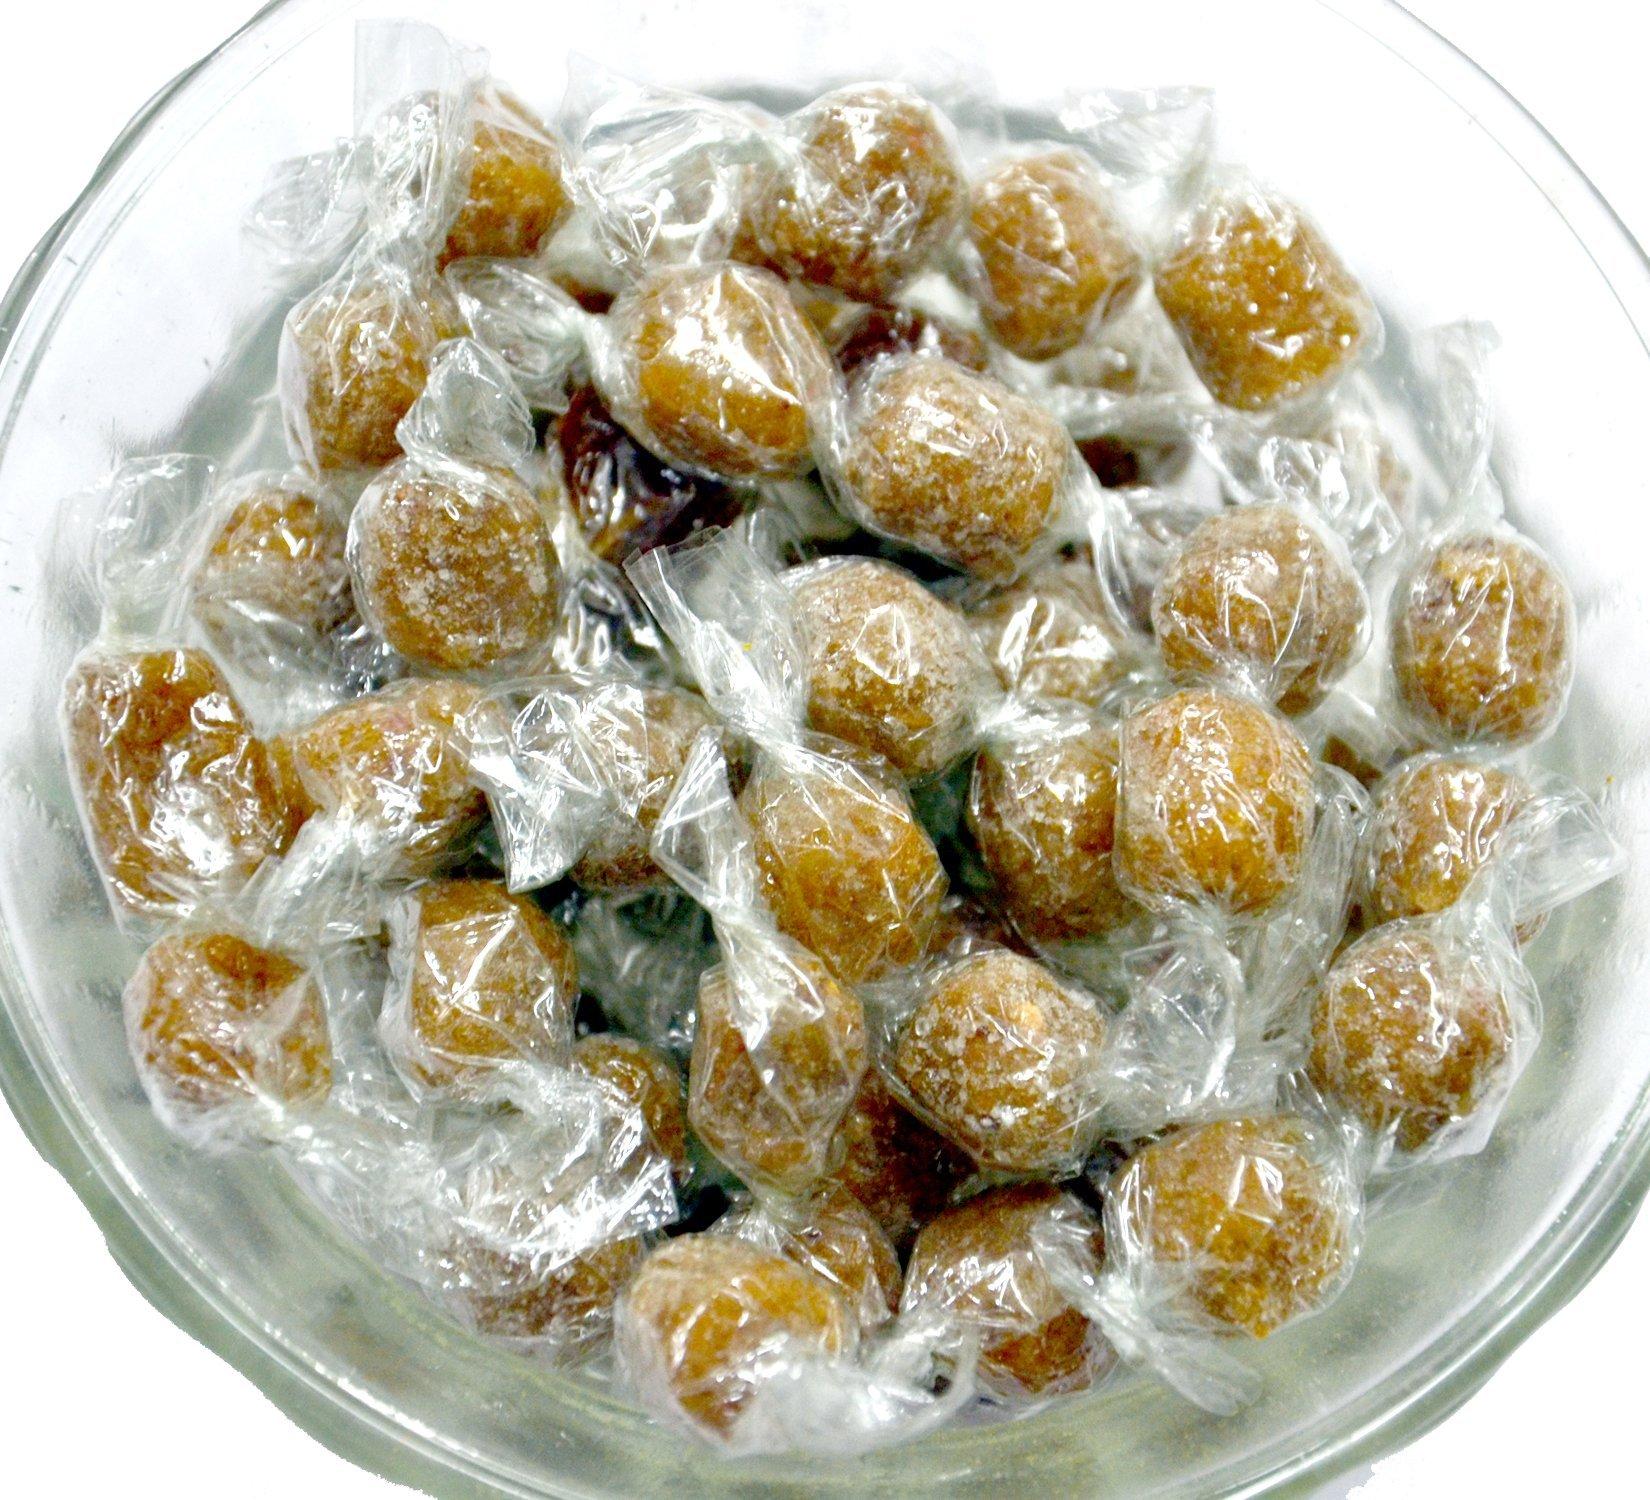 Leeve Dry Fruits Khatti-Methi Imli Tamarind - 800 Gms by Leeve Dry Fruits (Image #1)